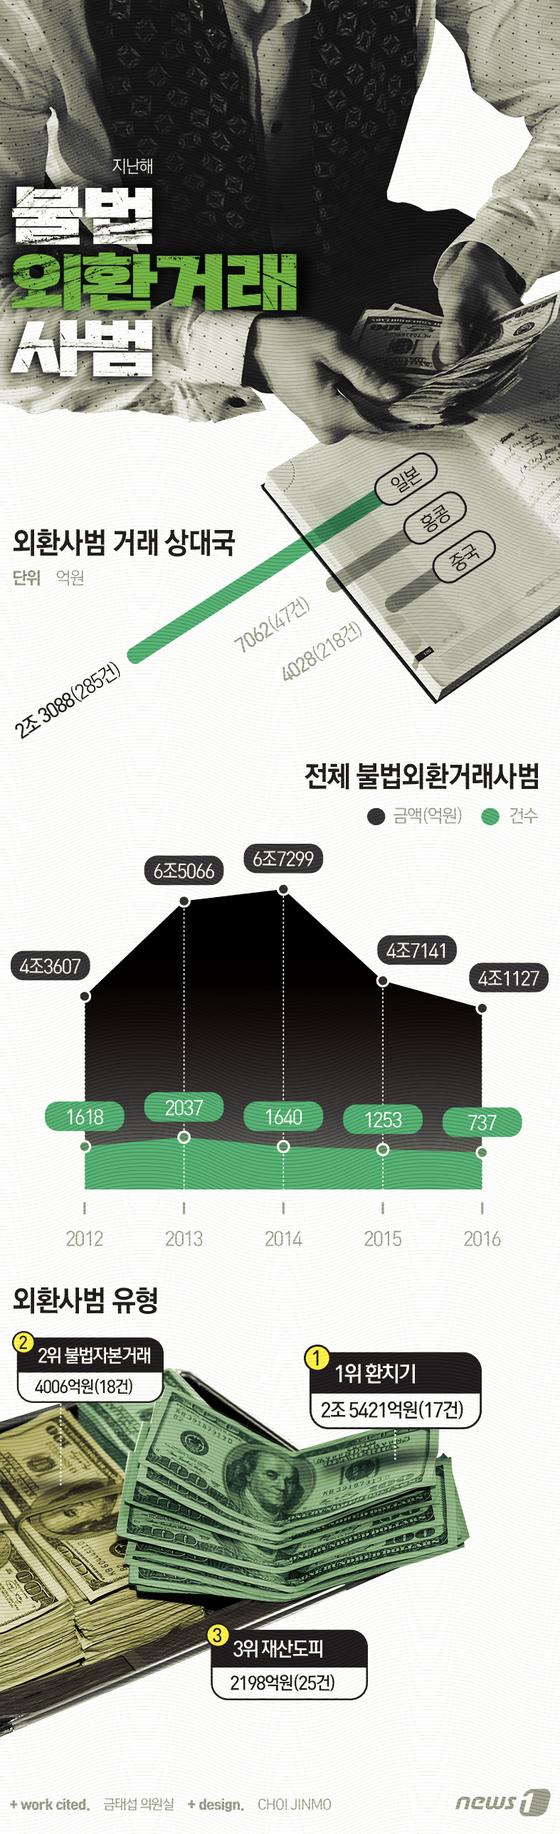 [그래픽뉴스]지난해 불법외환거래 737건 4조1127억원